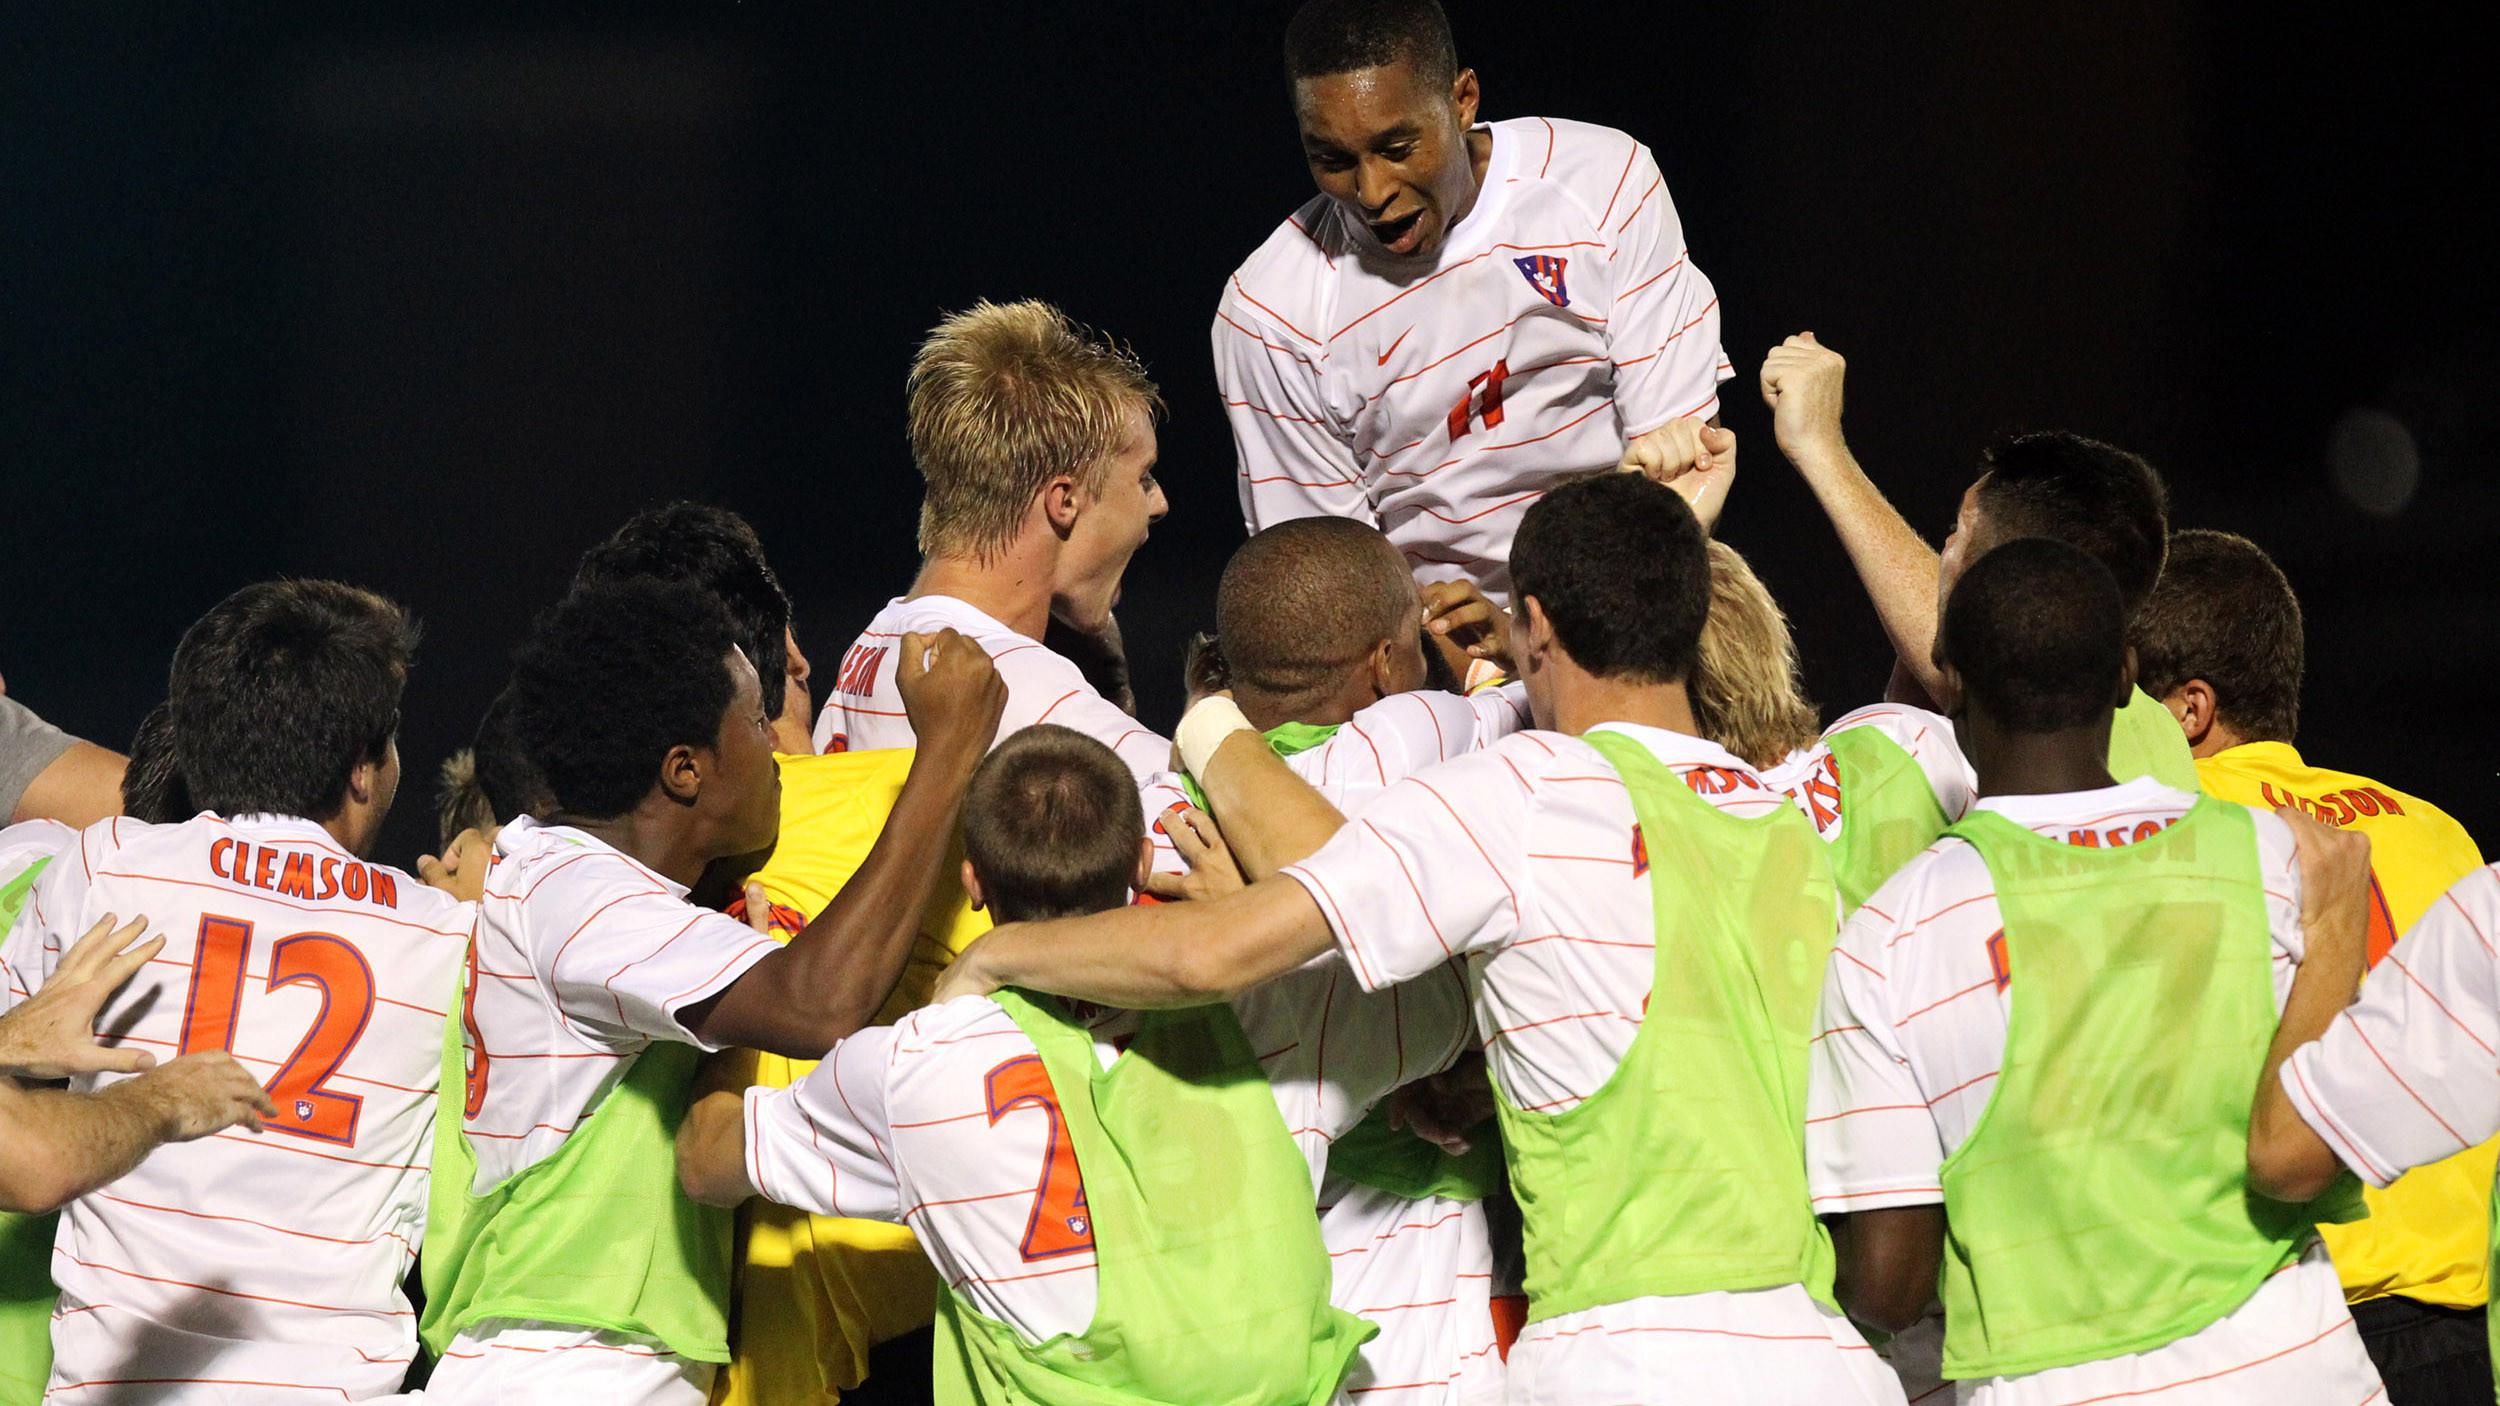 VIDEO: Clemson Men's Soccer 2013 Season Highlights